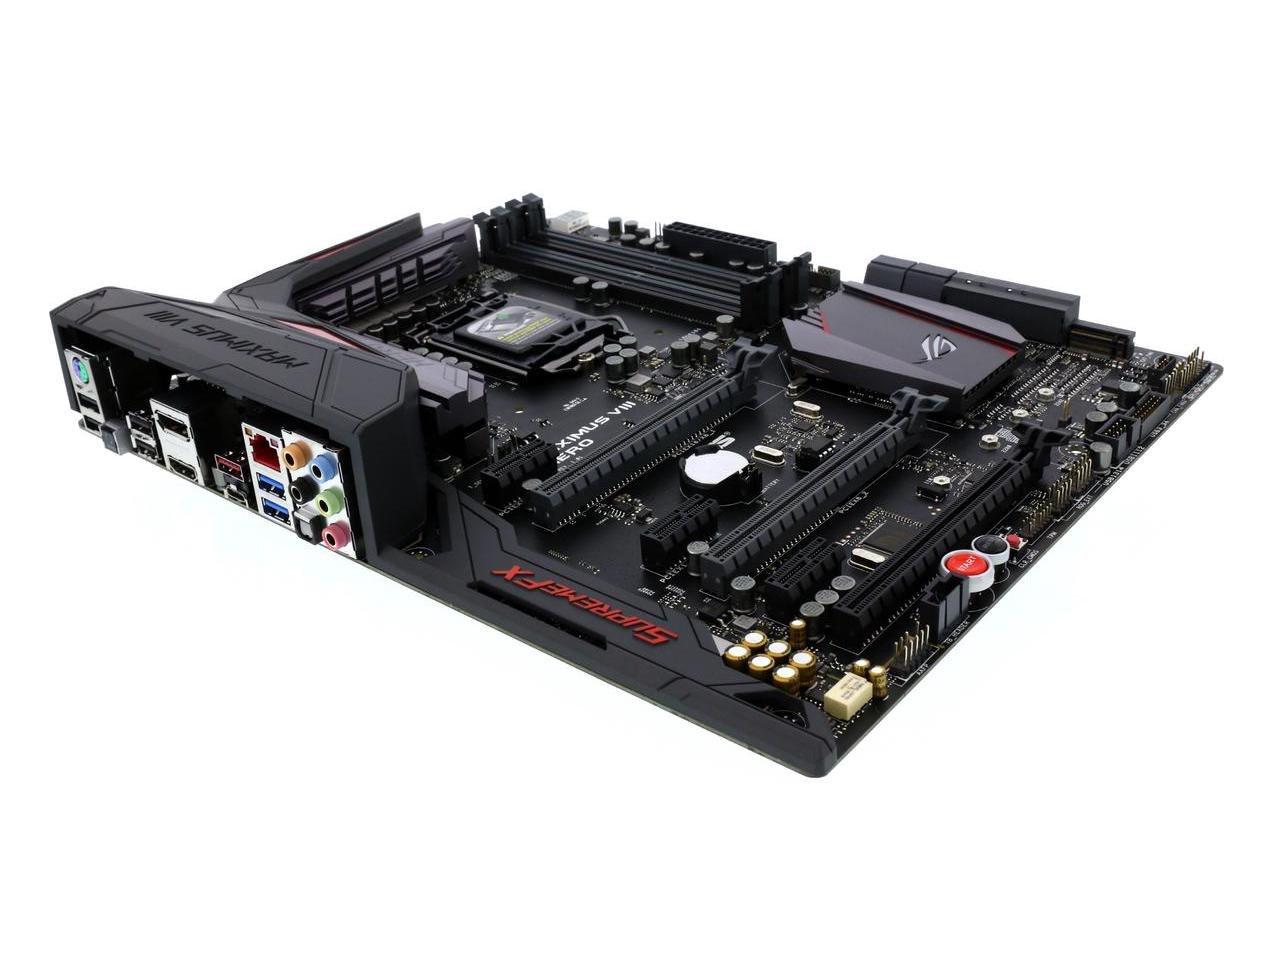 ASUS ROG LGA 1151 Intel Z170 HDMI SATA 6Gb/s USB 3.1 ATX Intel Motherboard Mo... 1